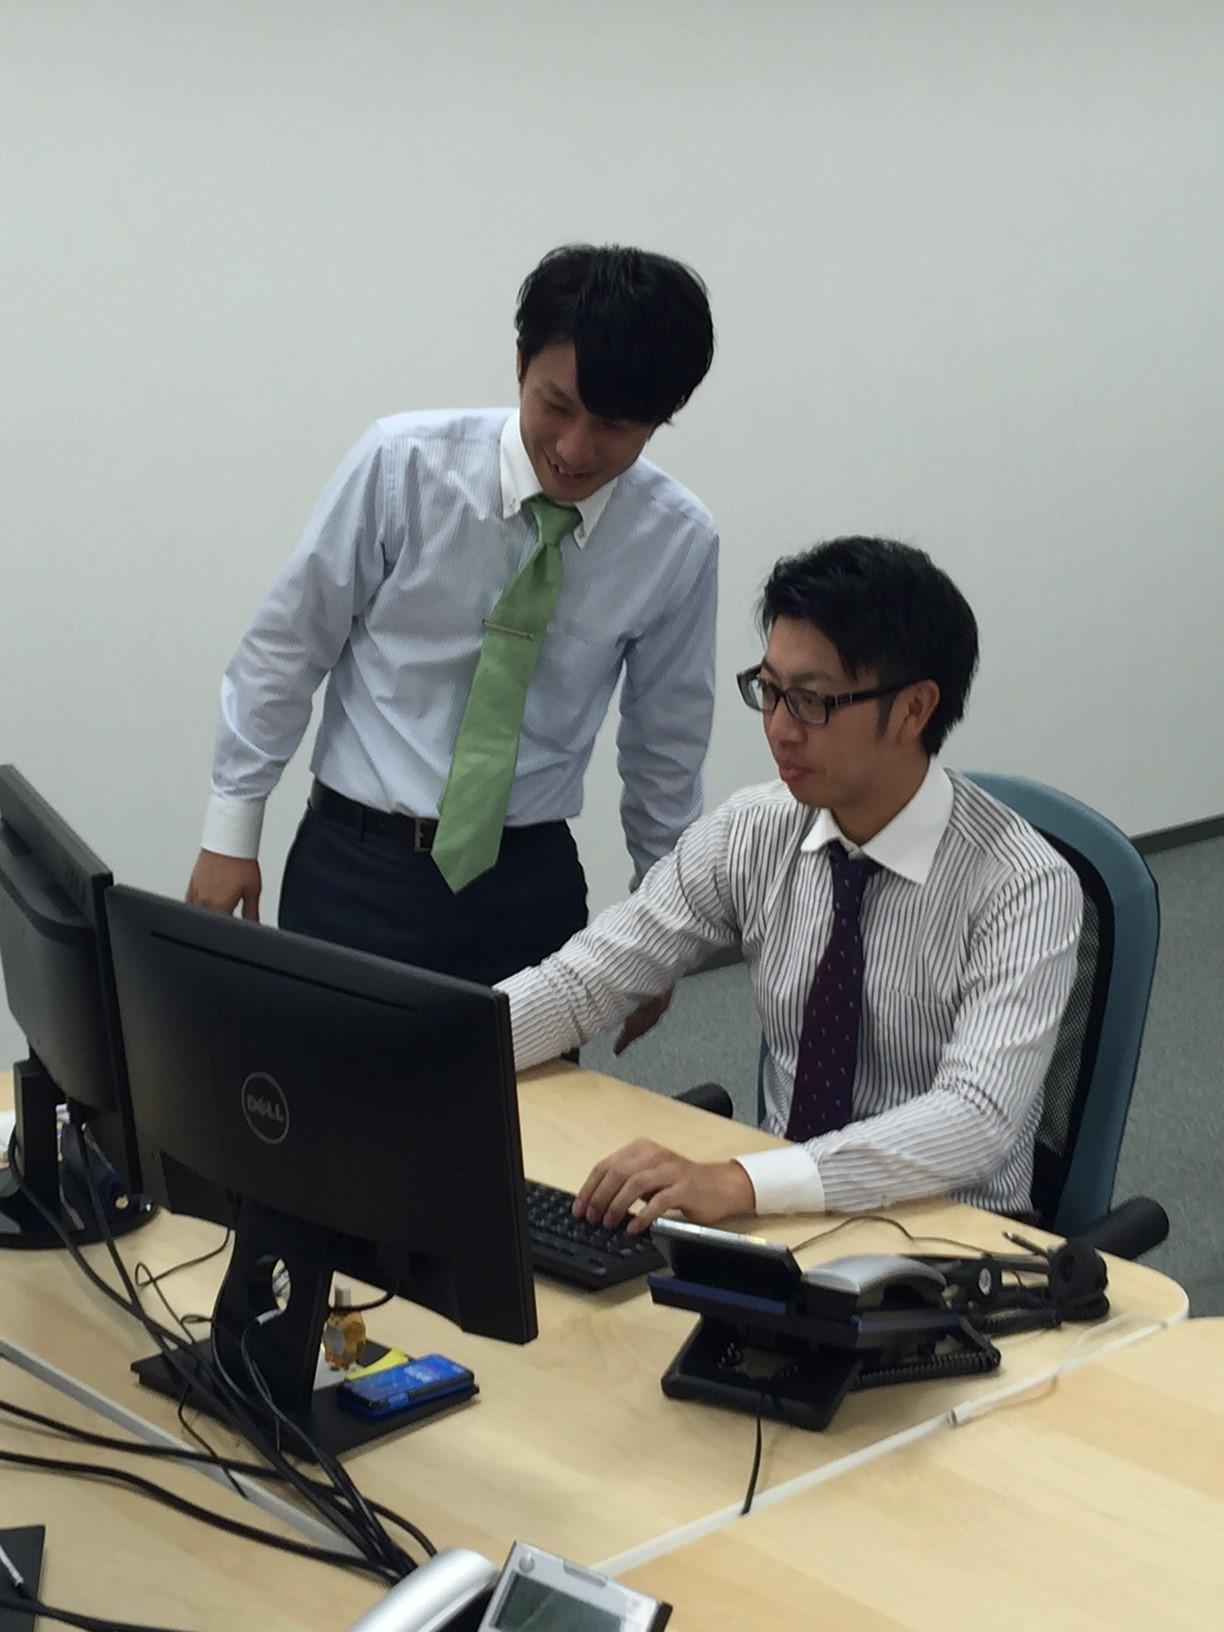 日本メディカル株式会社 仙台事業所 のアルバイト情報